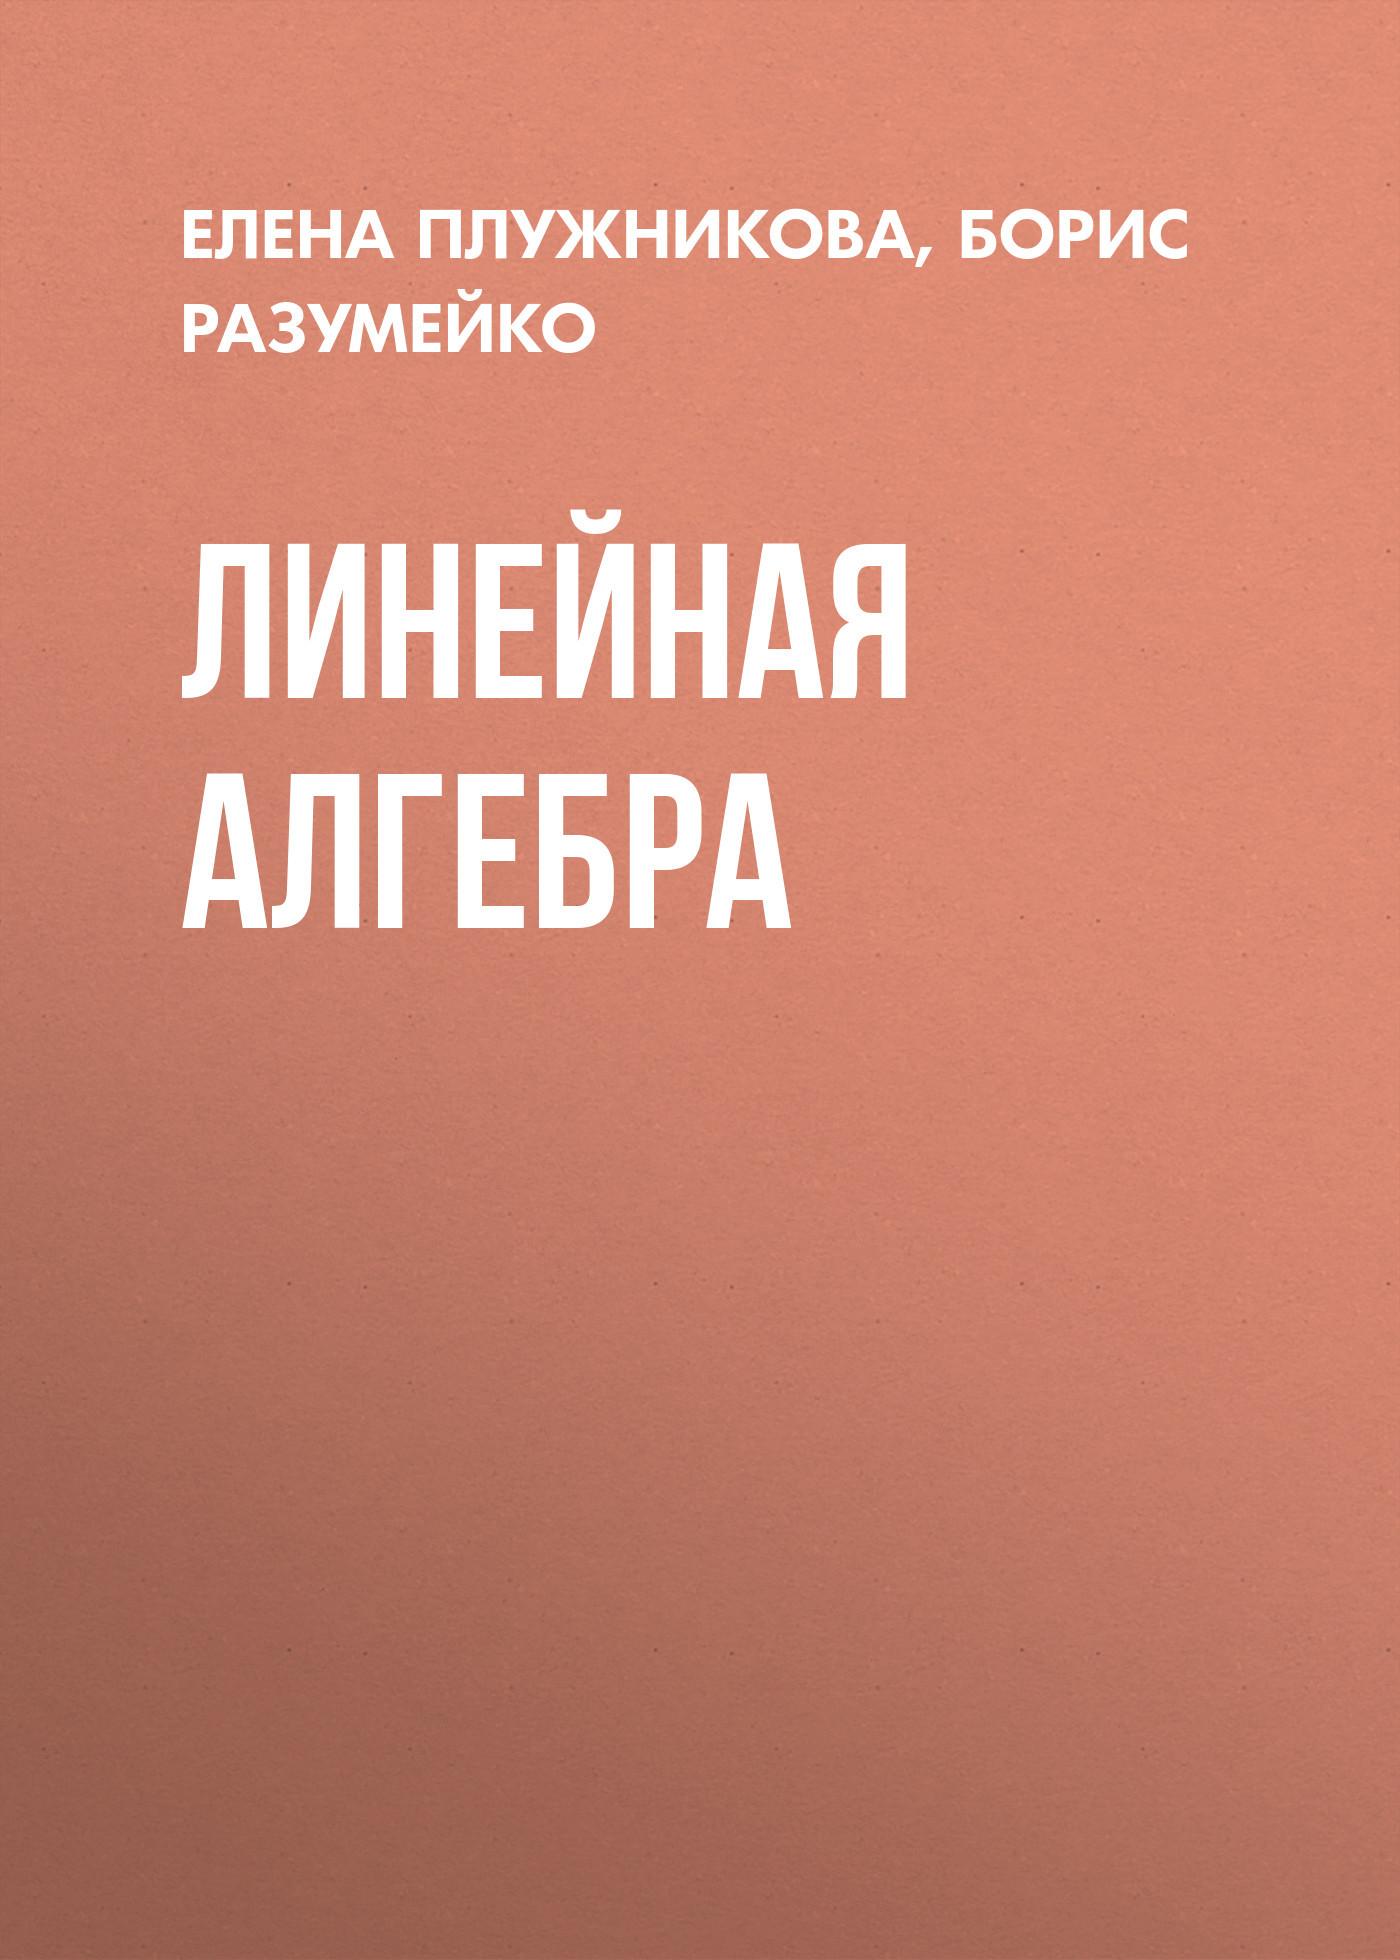 Елена Плужникова Линейная алгебра кремер н фридман м линейная алгебра учебник и практикум